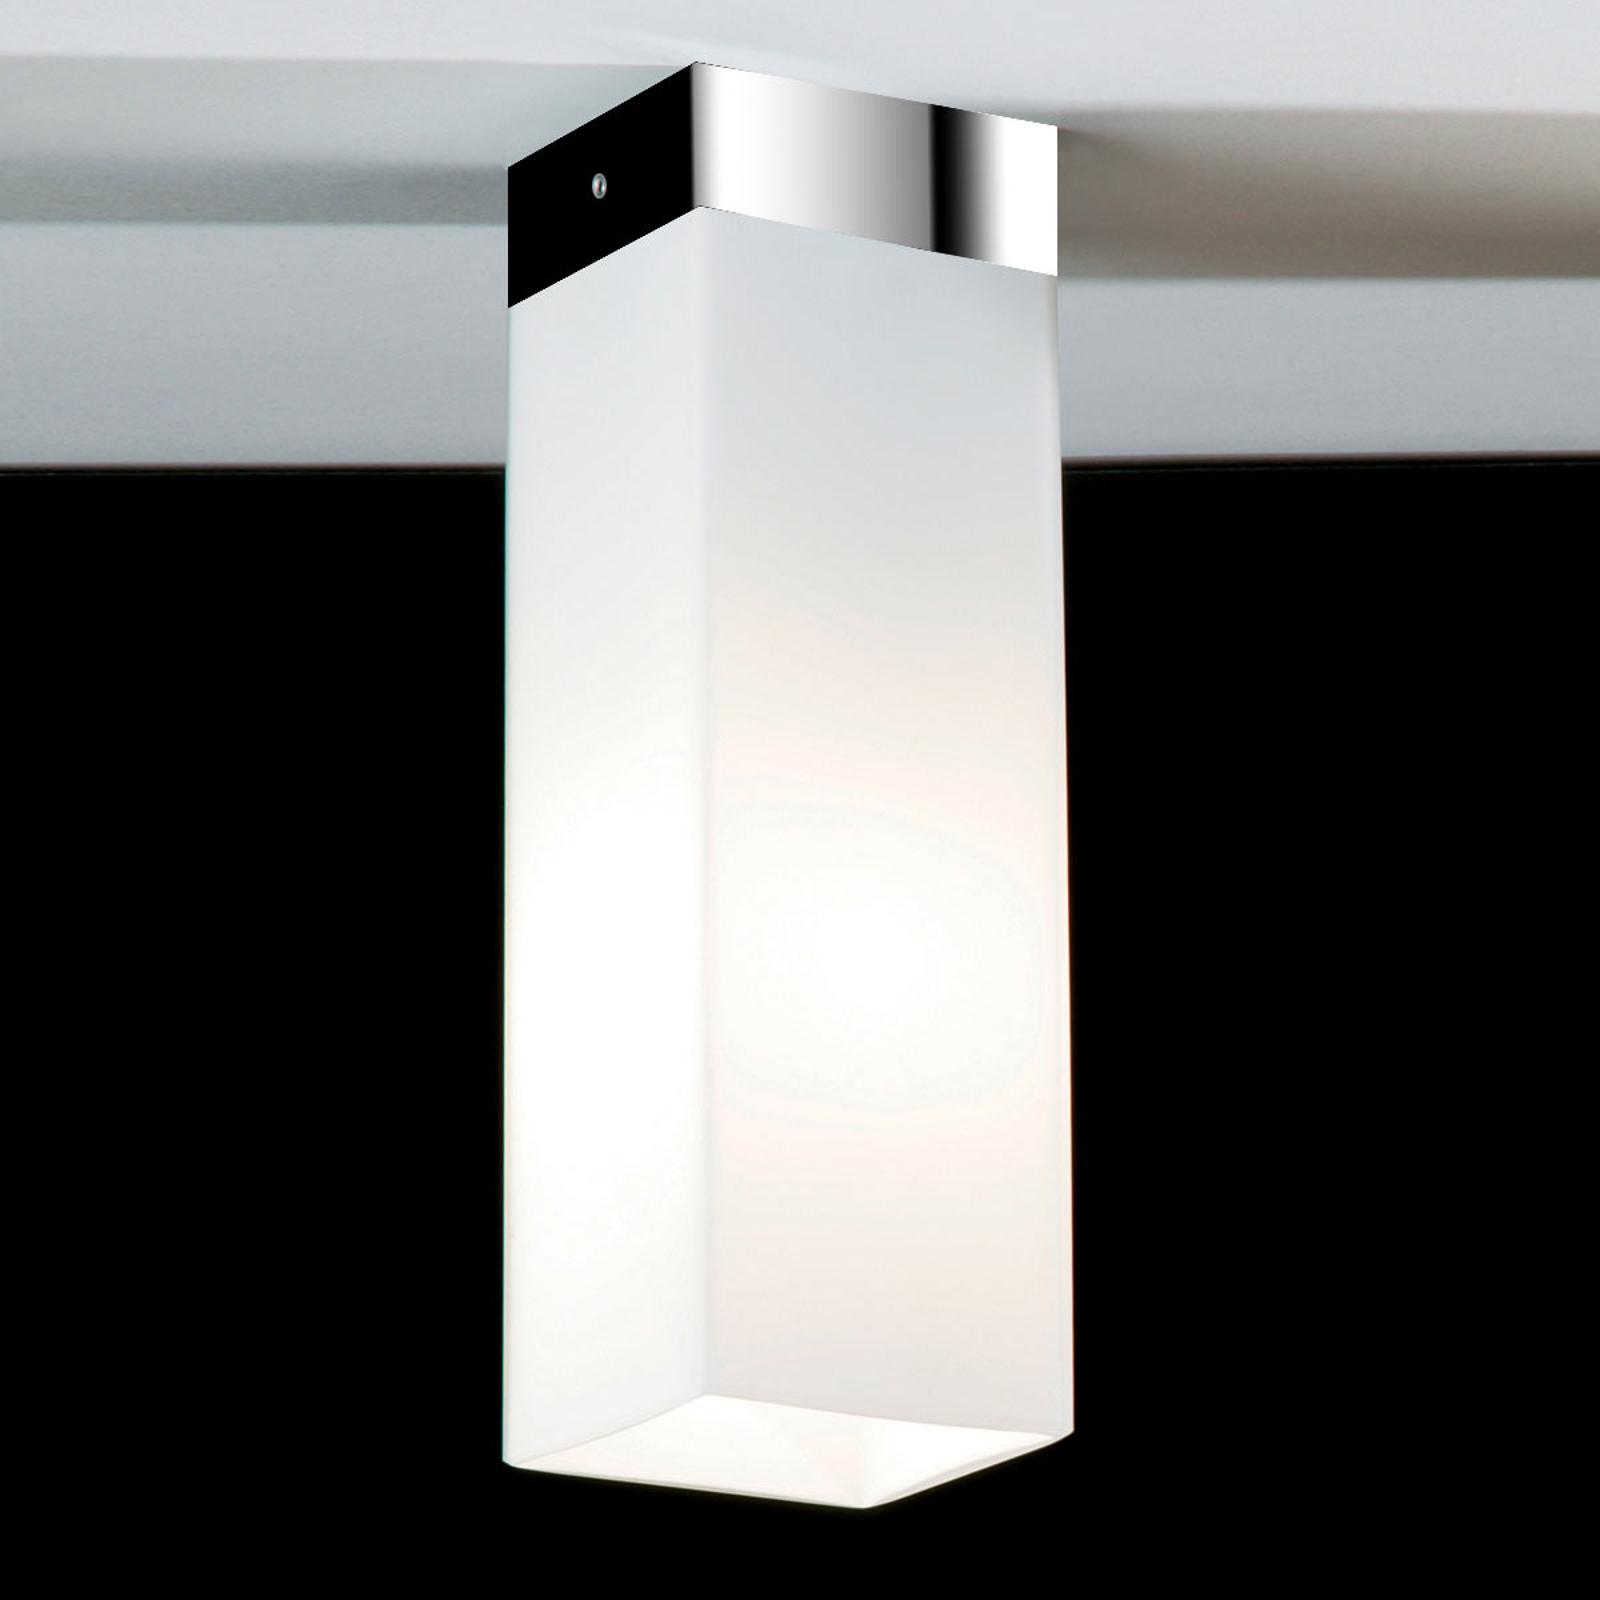 Lampa sufitowa QUADRO BOX ze szkła, chrom